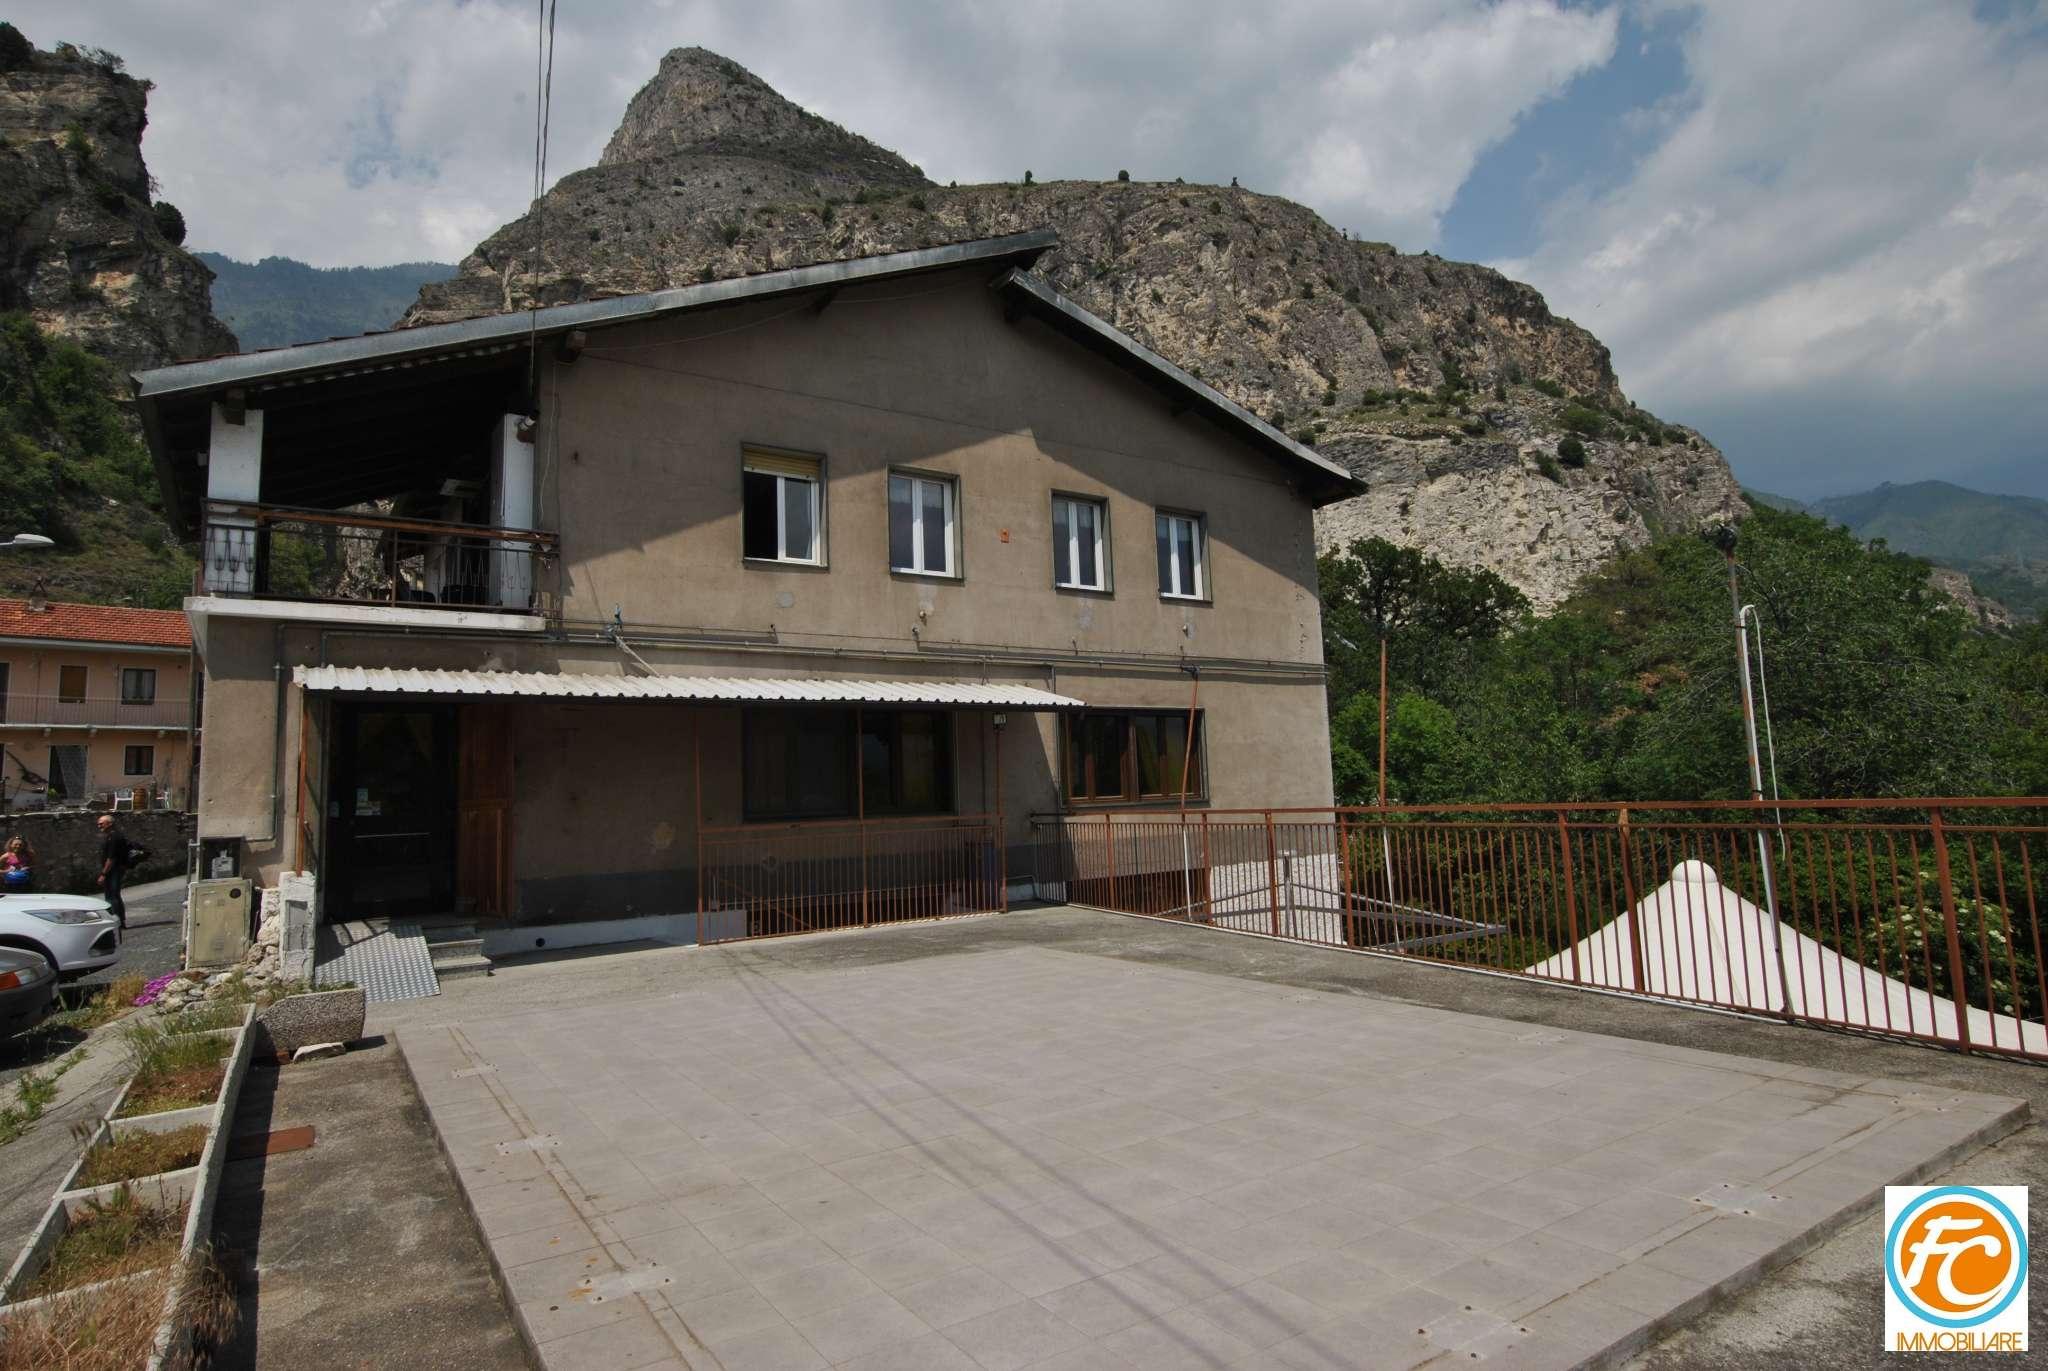 Immobile Commerciale in vendita a Bussoleno, 2 locali, prezzo € 155.000 | CambioCasa.it